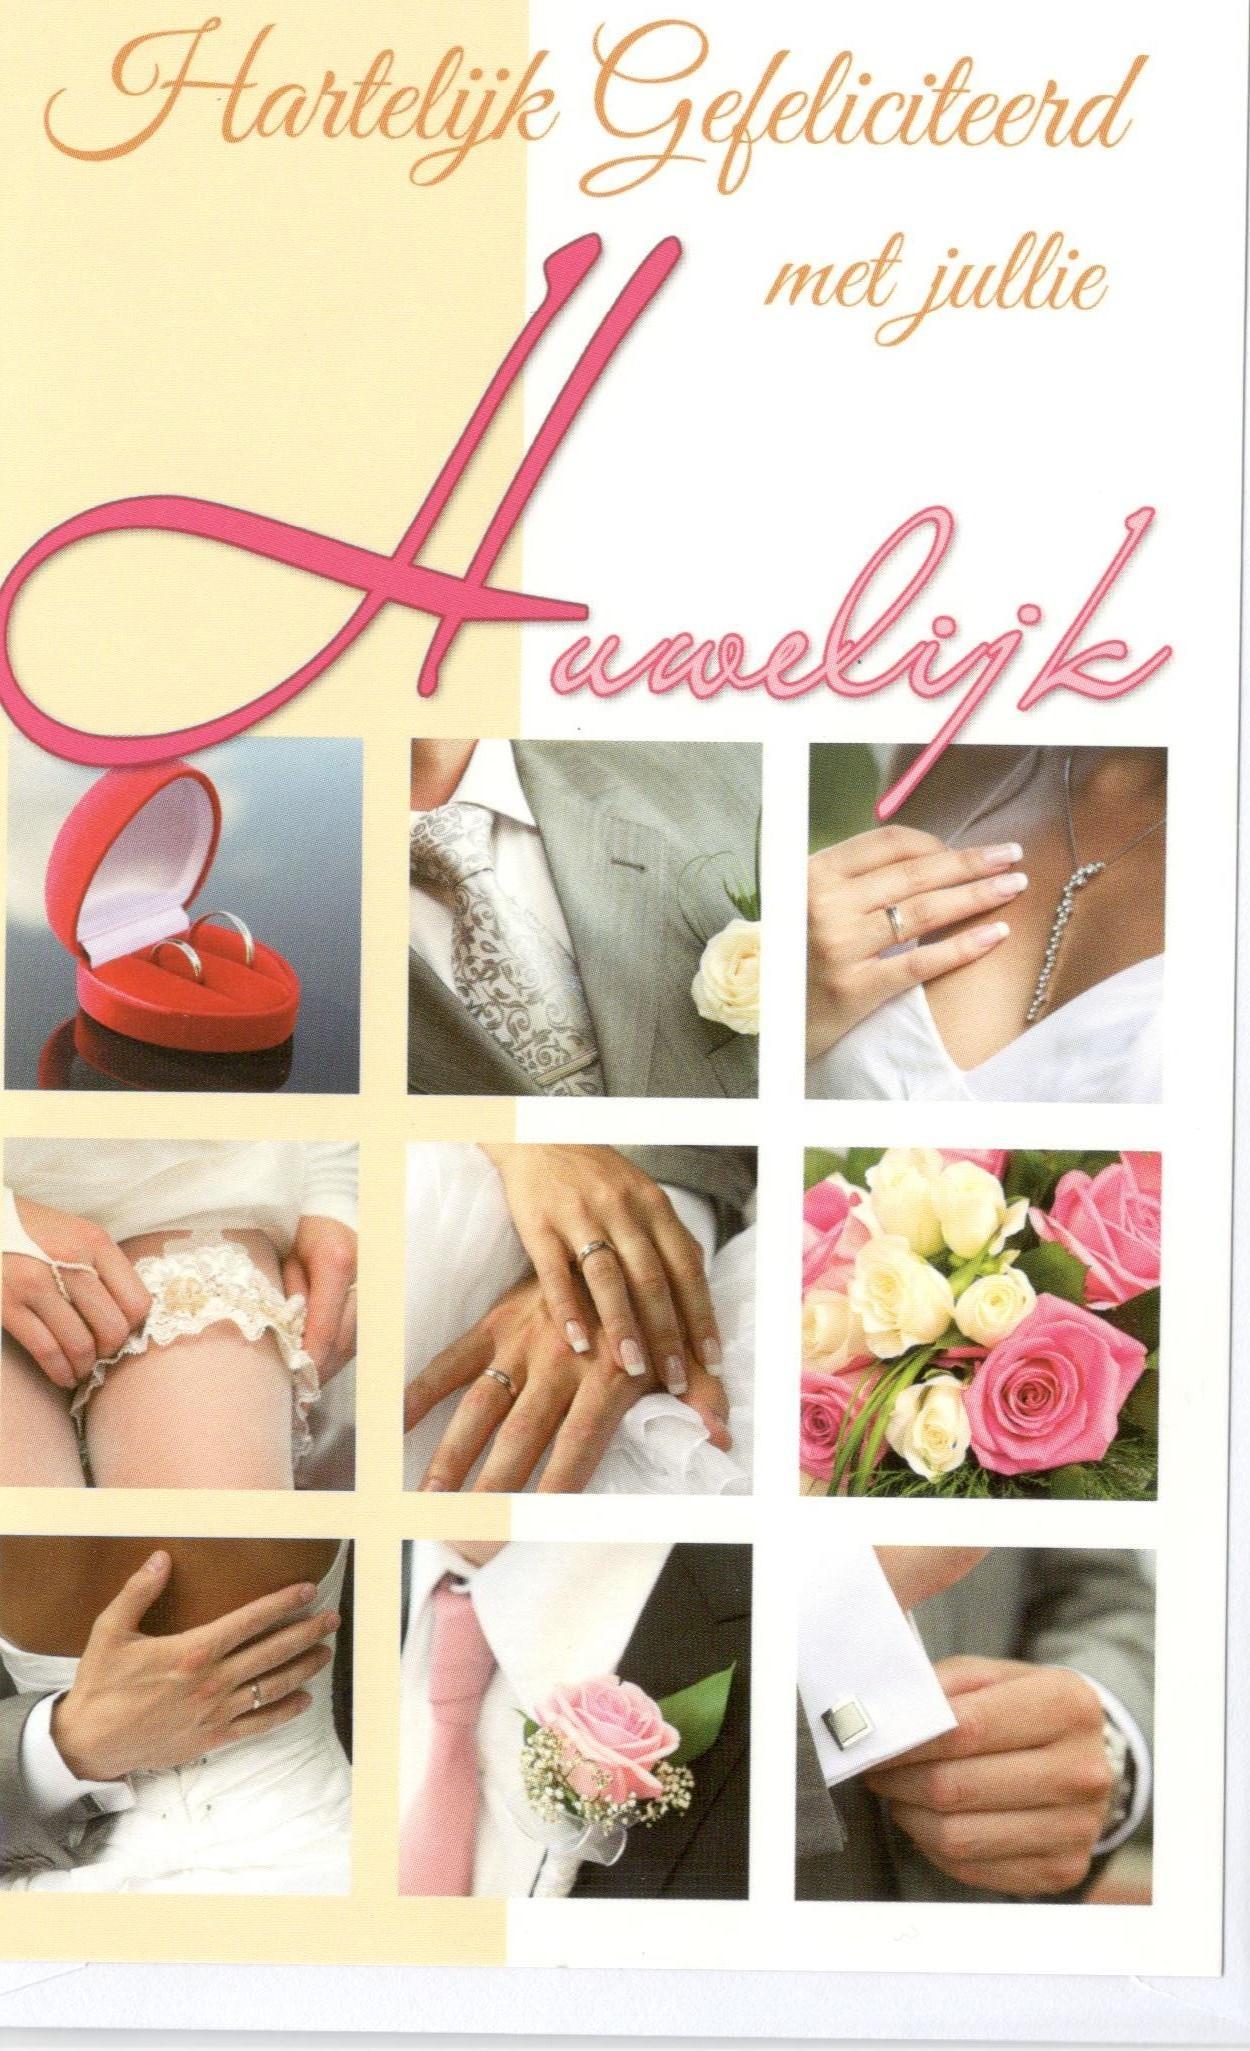 Felicitatiekaart voor een bruiloft